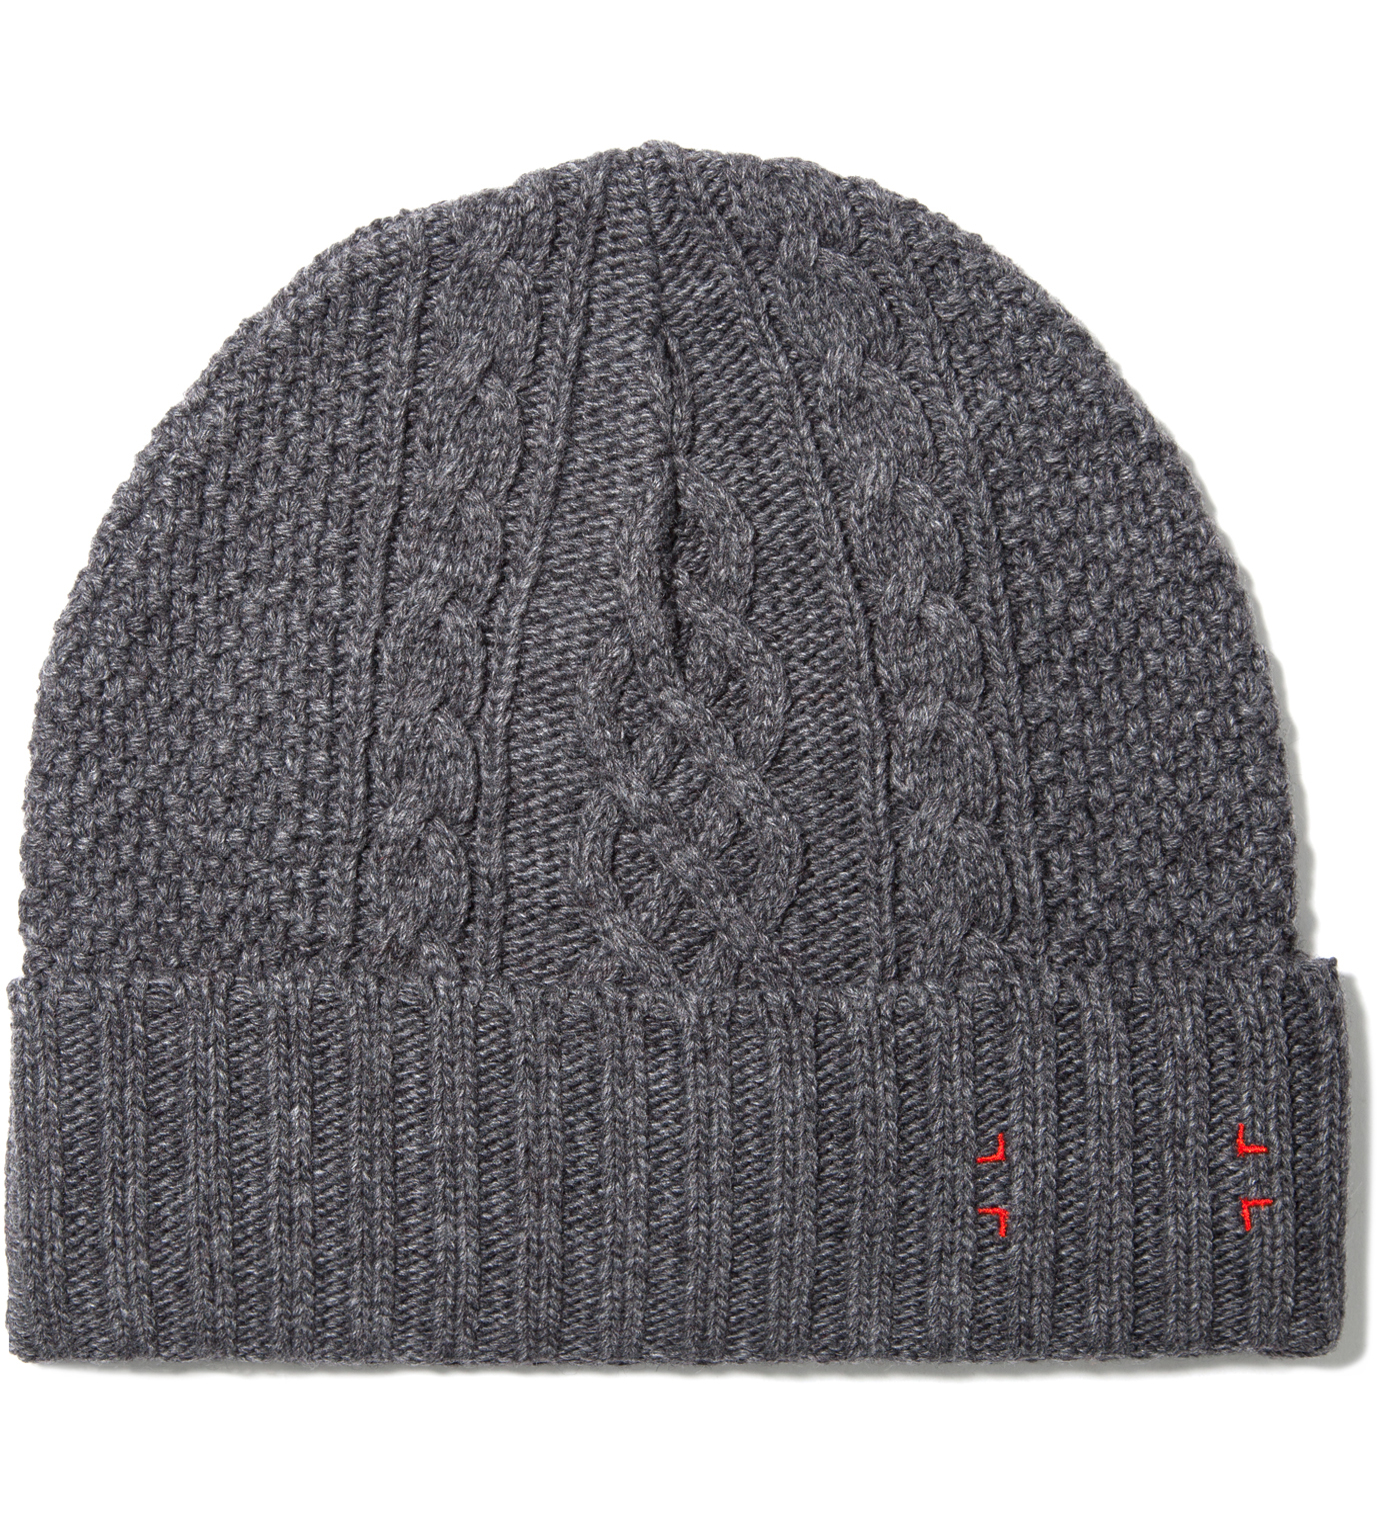 CASH CA Charcoal Knit Cap